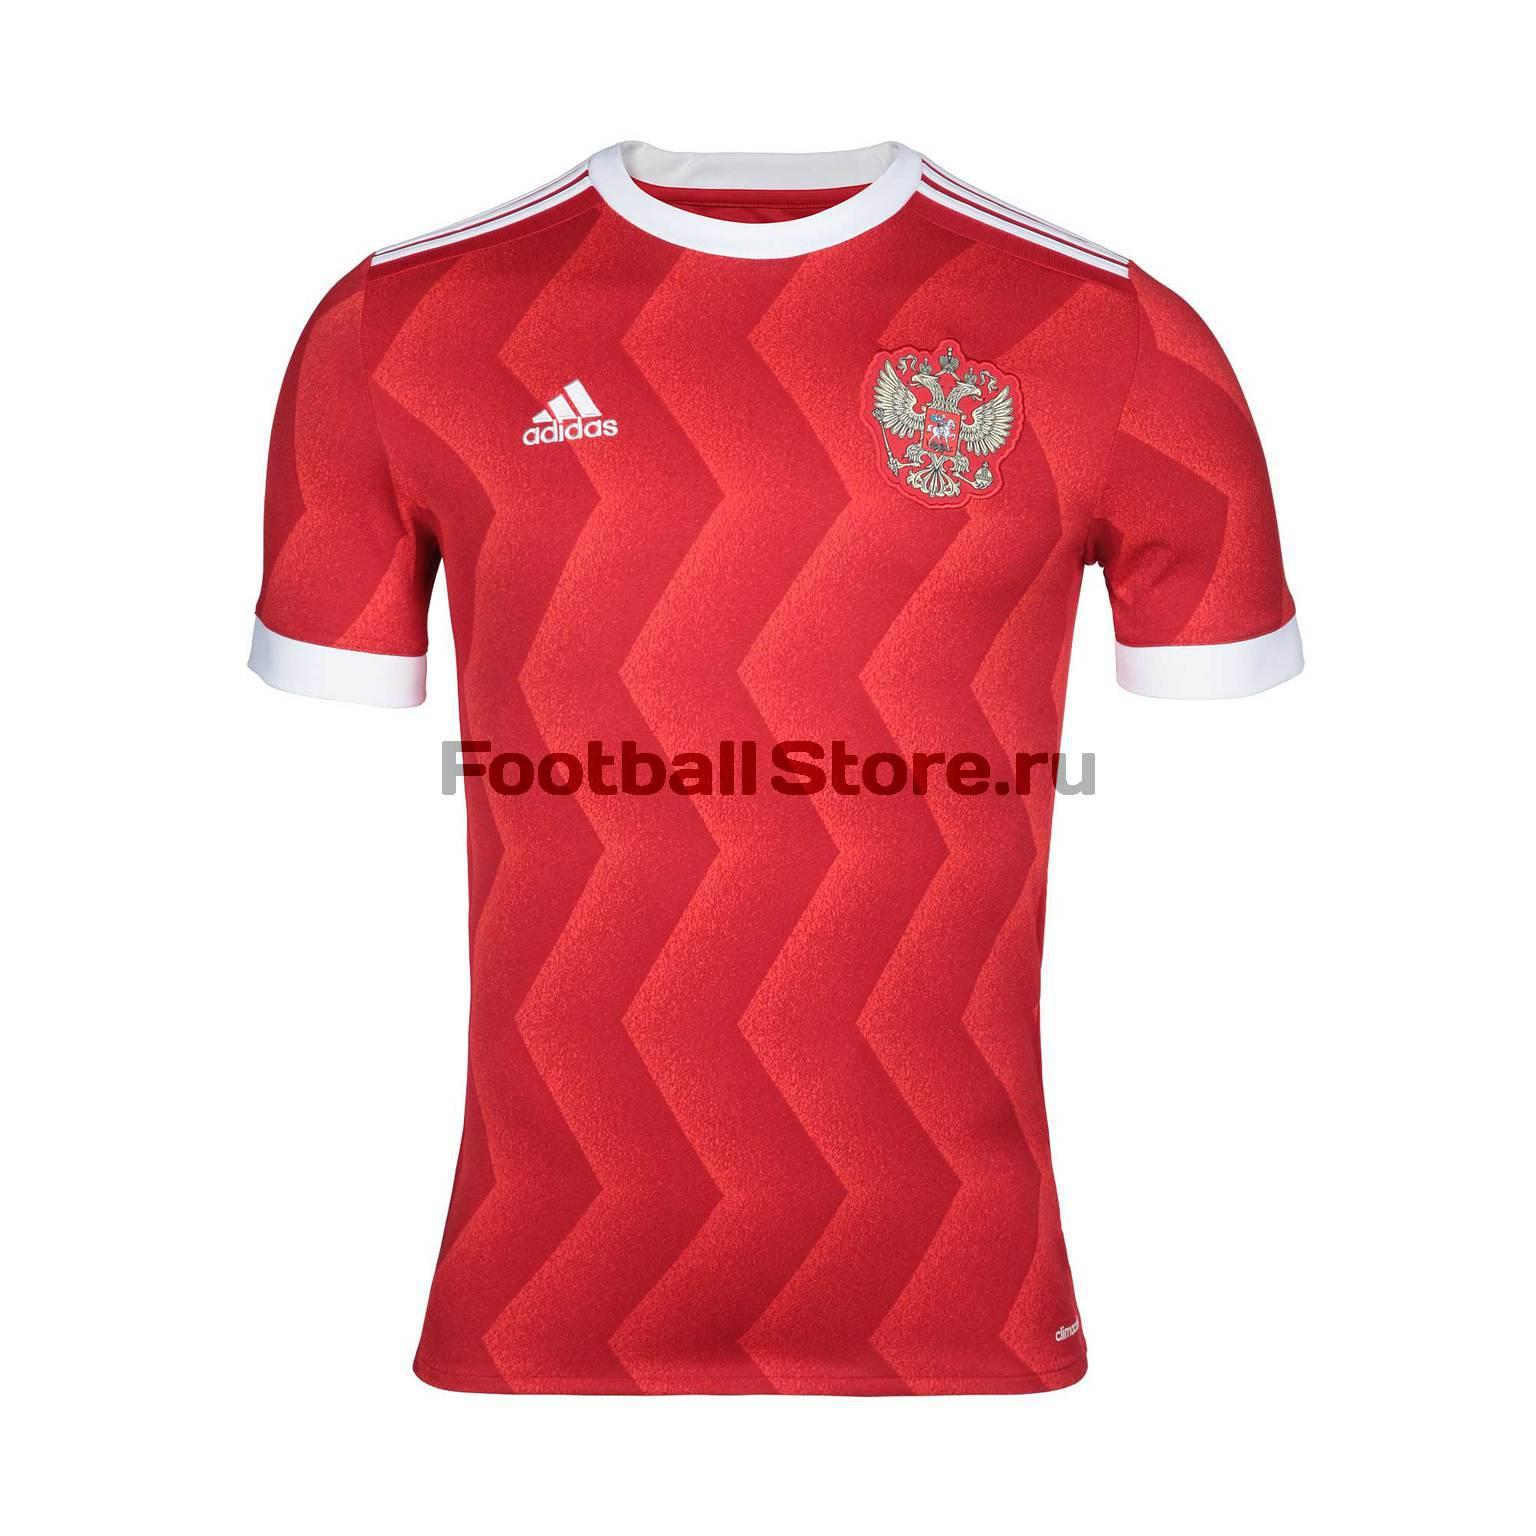 Russia Adidas Игровая футболка Adidas сборной России JSY BR6593 билет на автобус пенза белинский